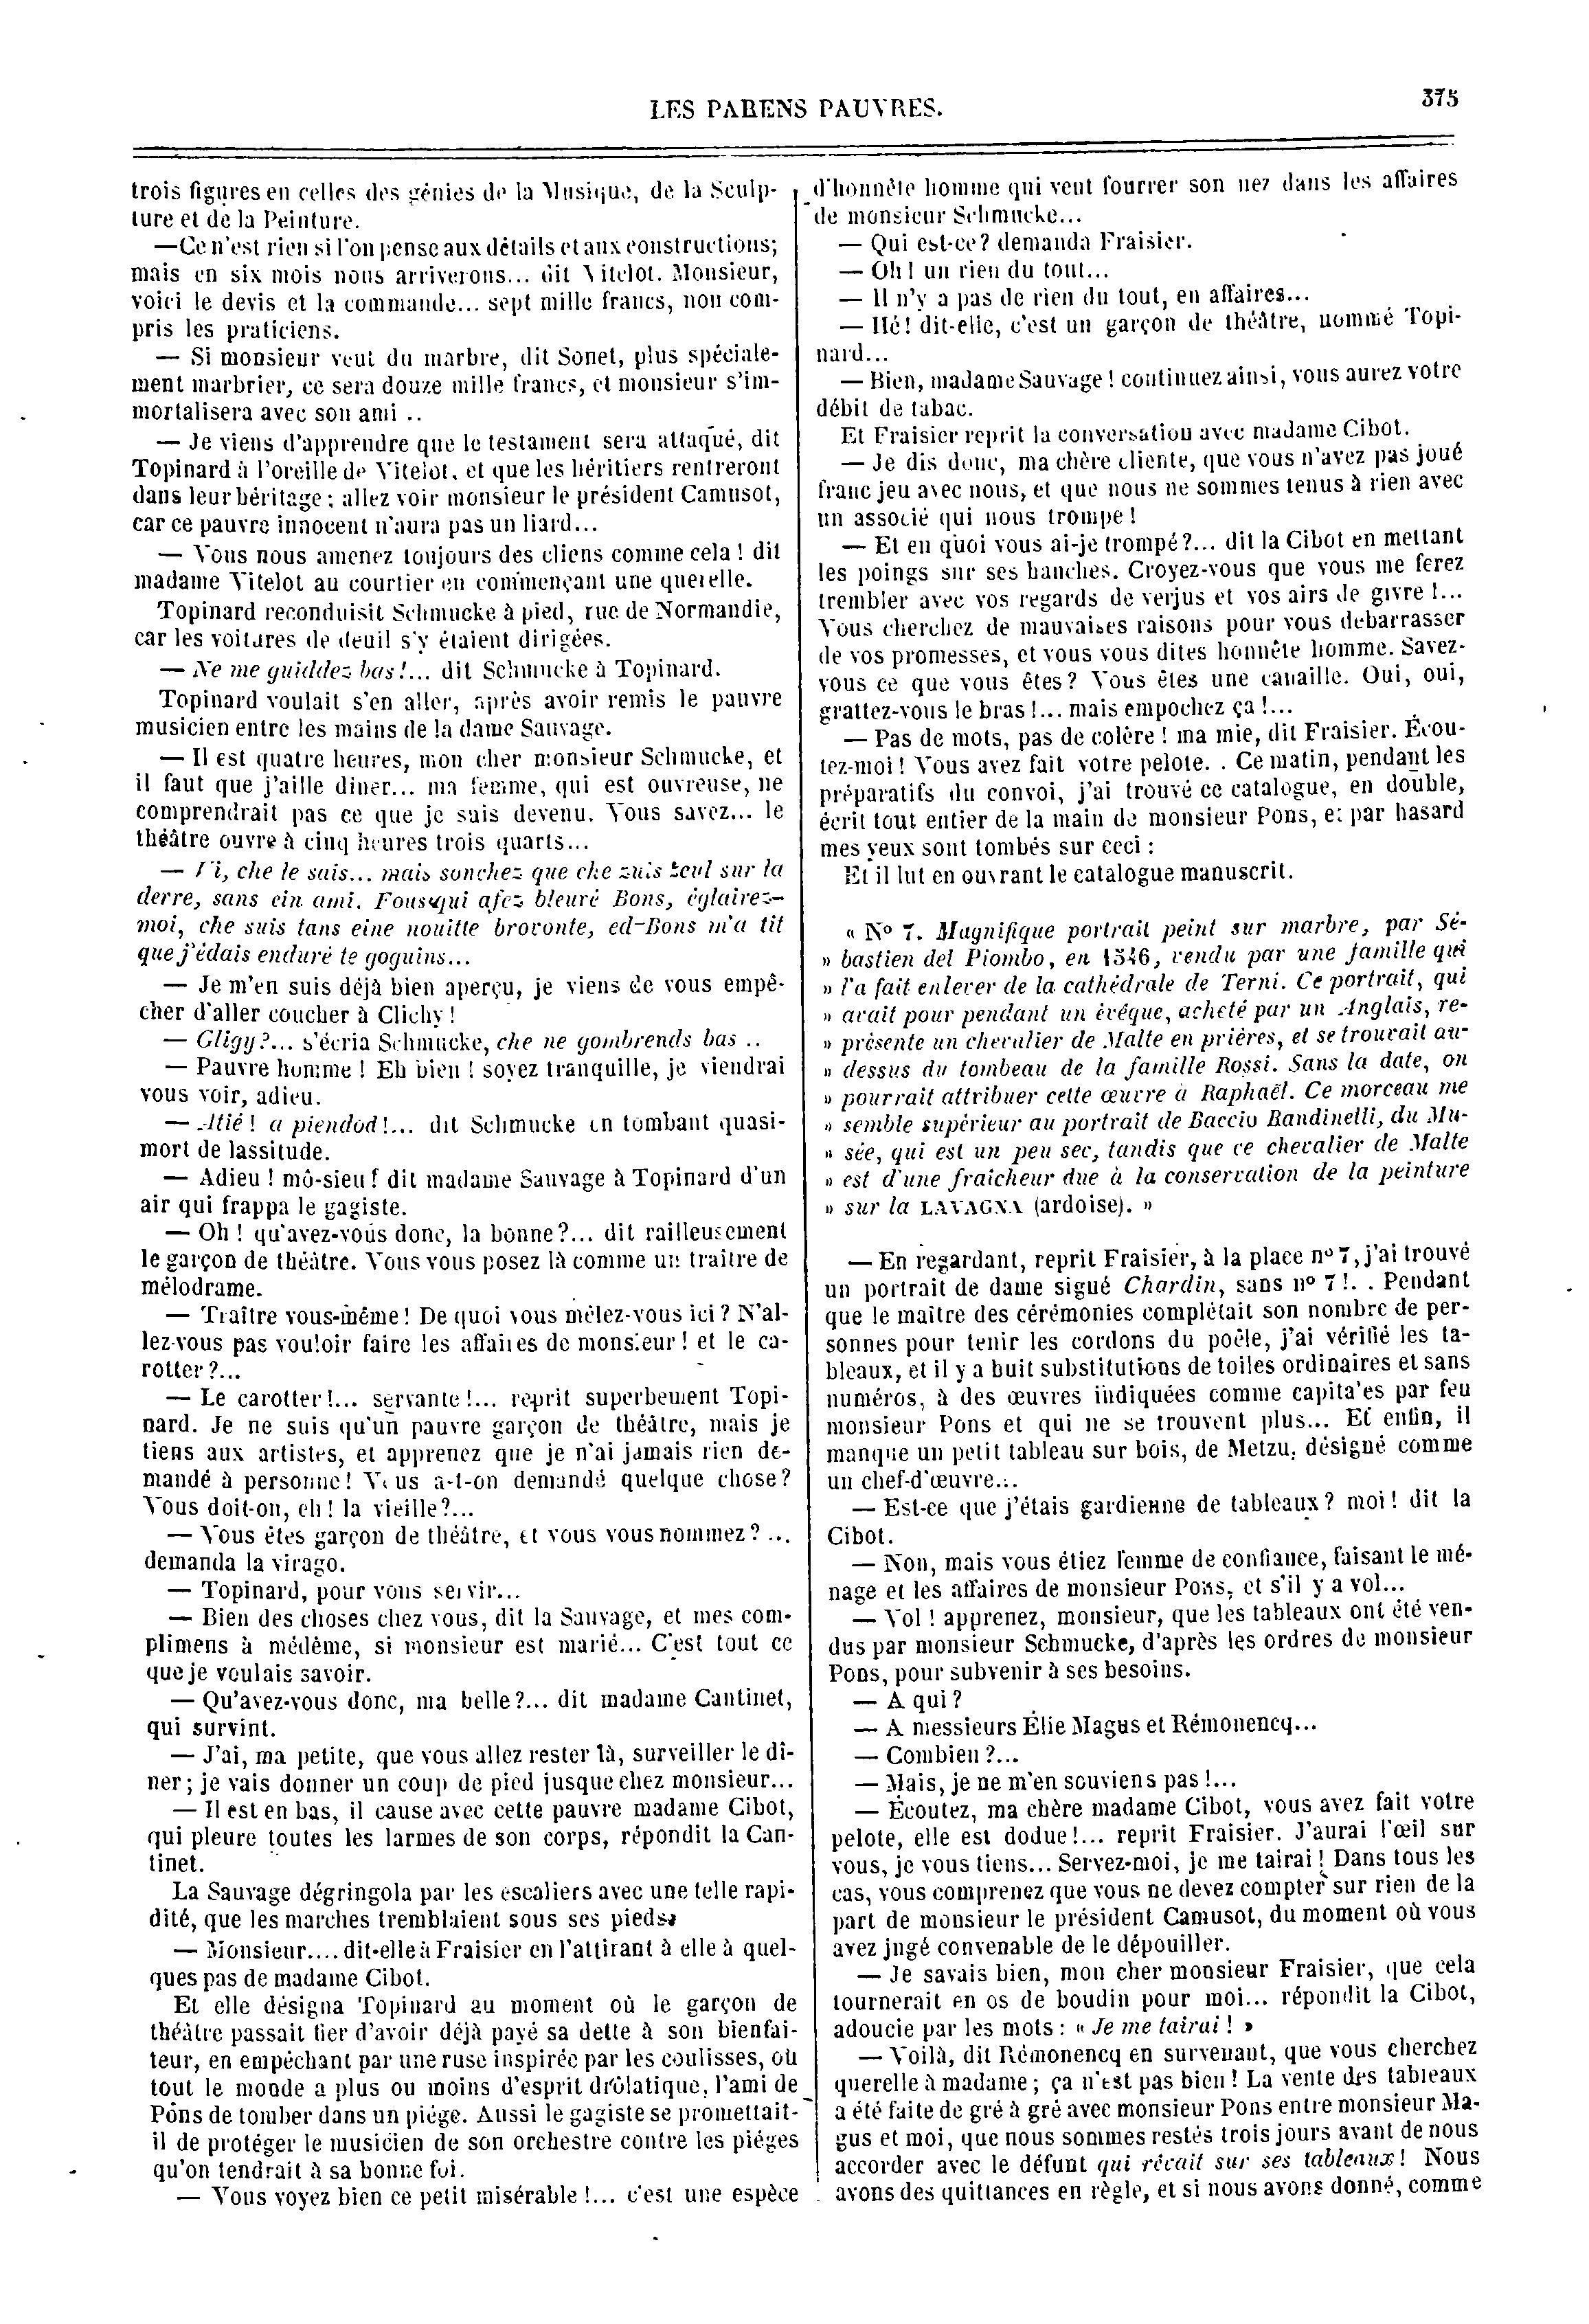 """85214579ef6096 Comparaison des versions Siècle (1847) et Furne (1848) de """"Le Cousin Pons""""  :: Phoebus"""